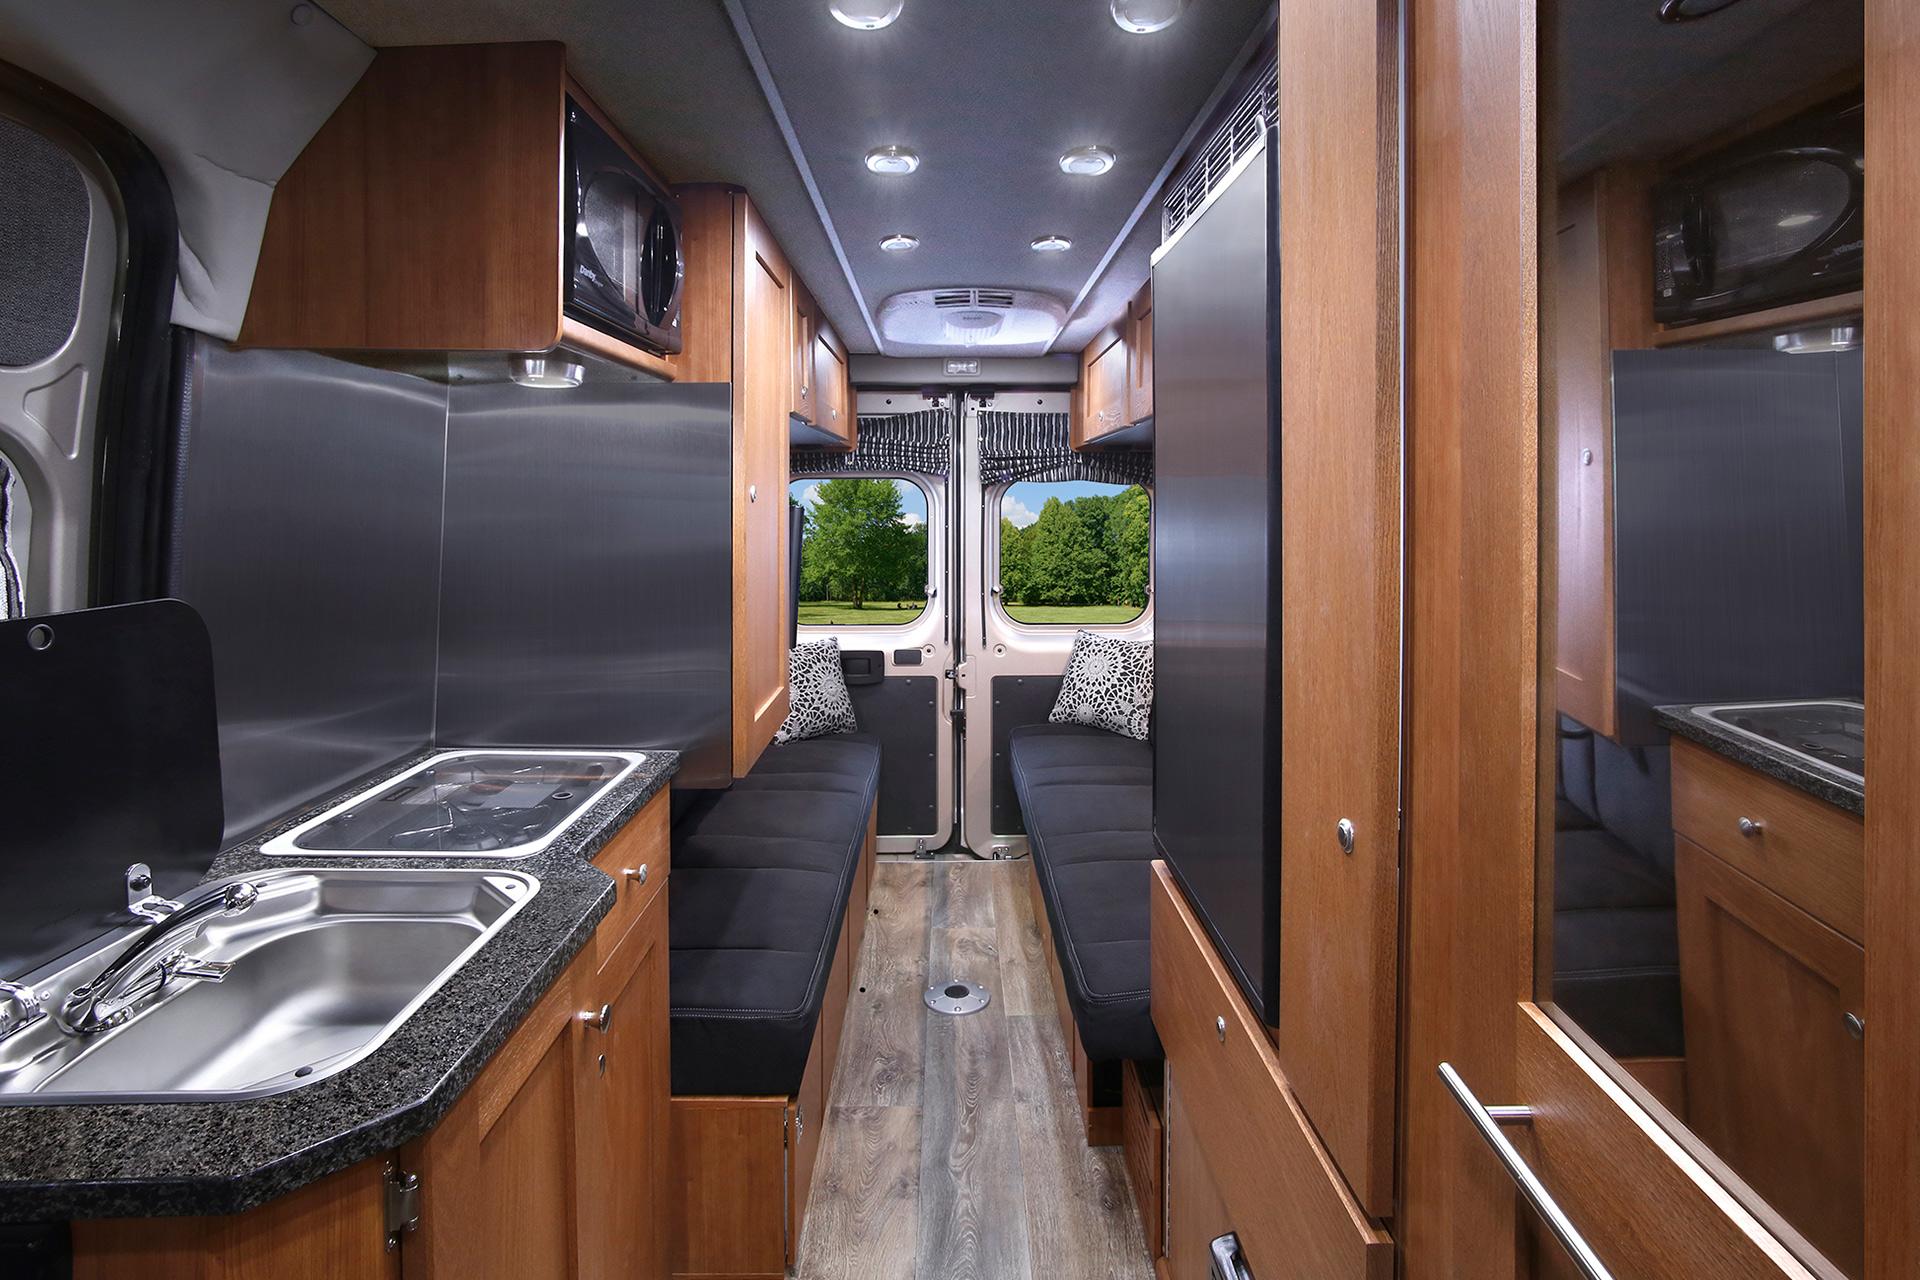 roadtrek interior | Billingsblessingbags.org